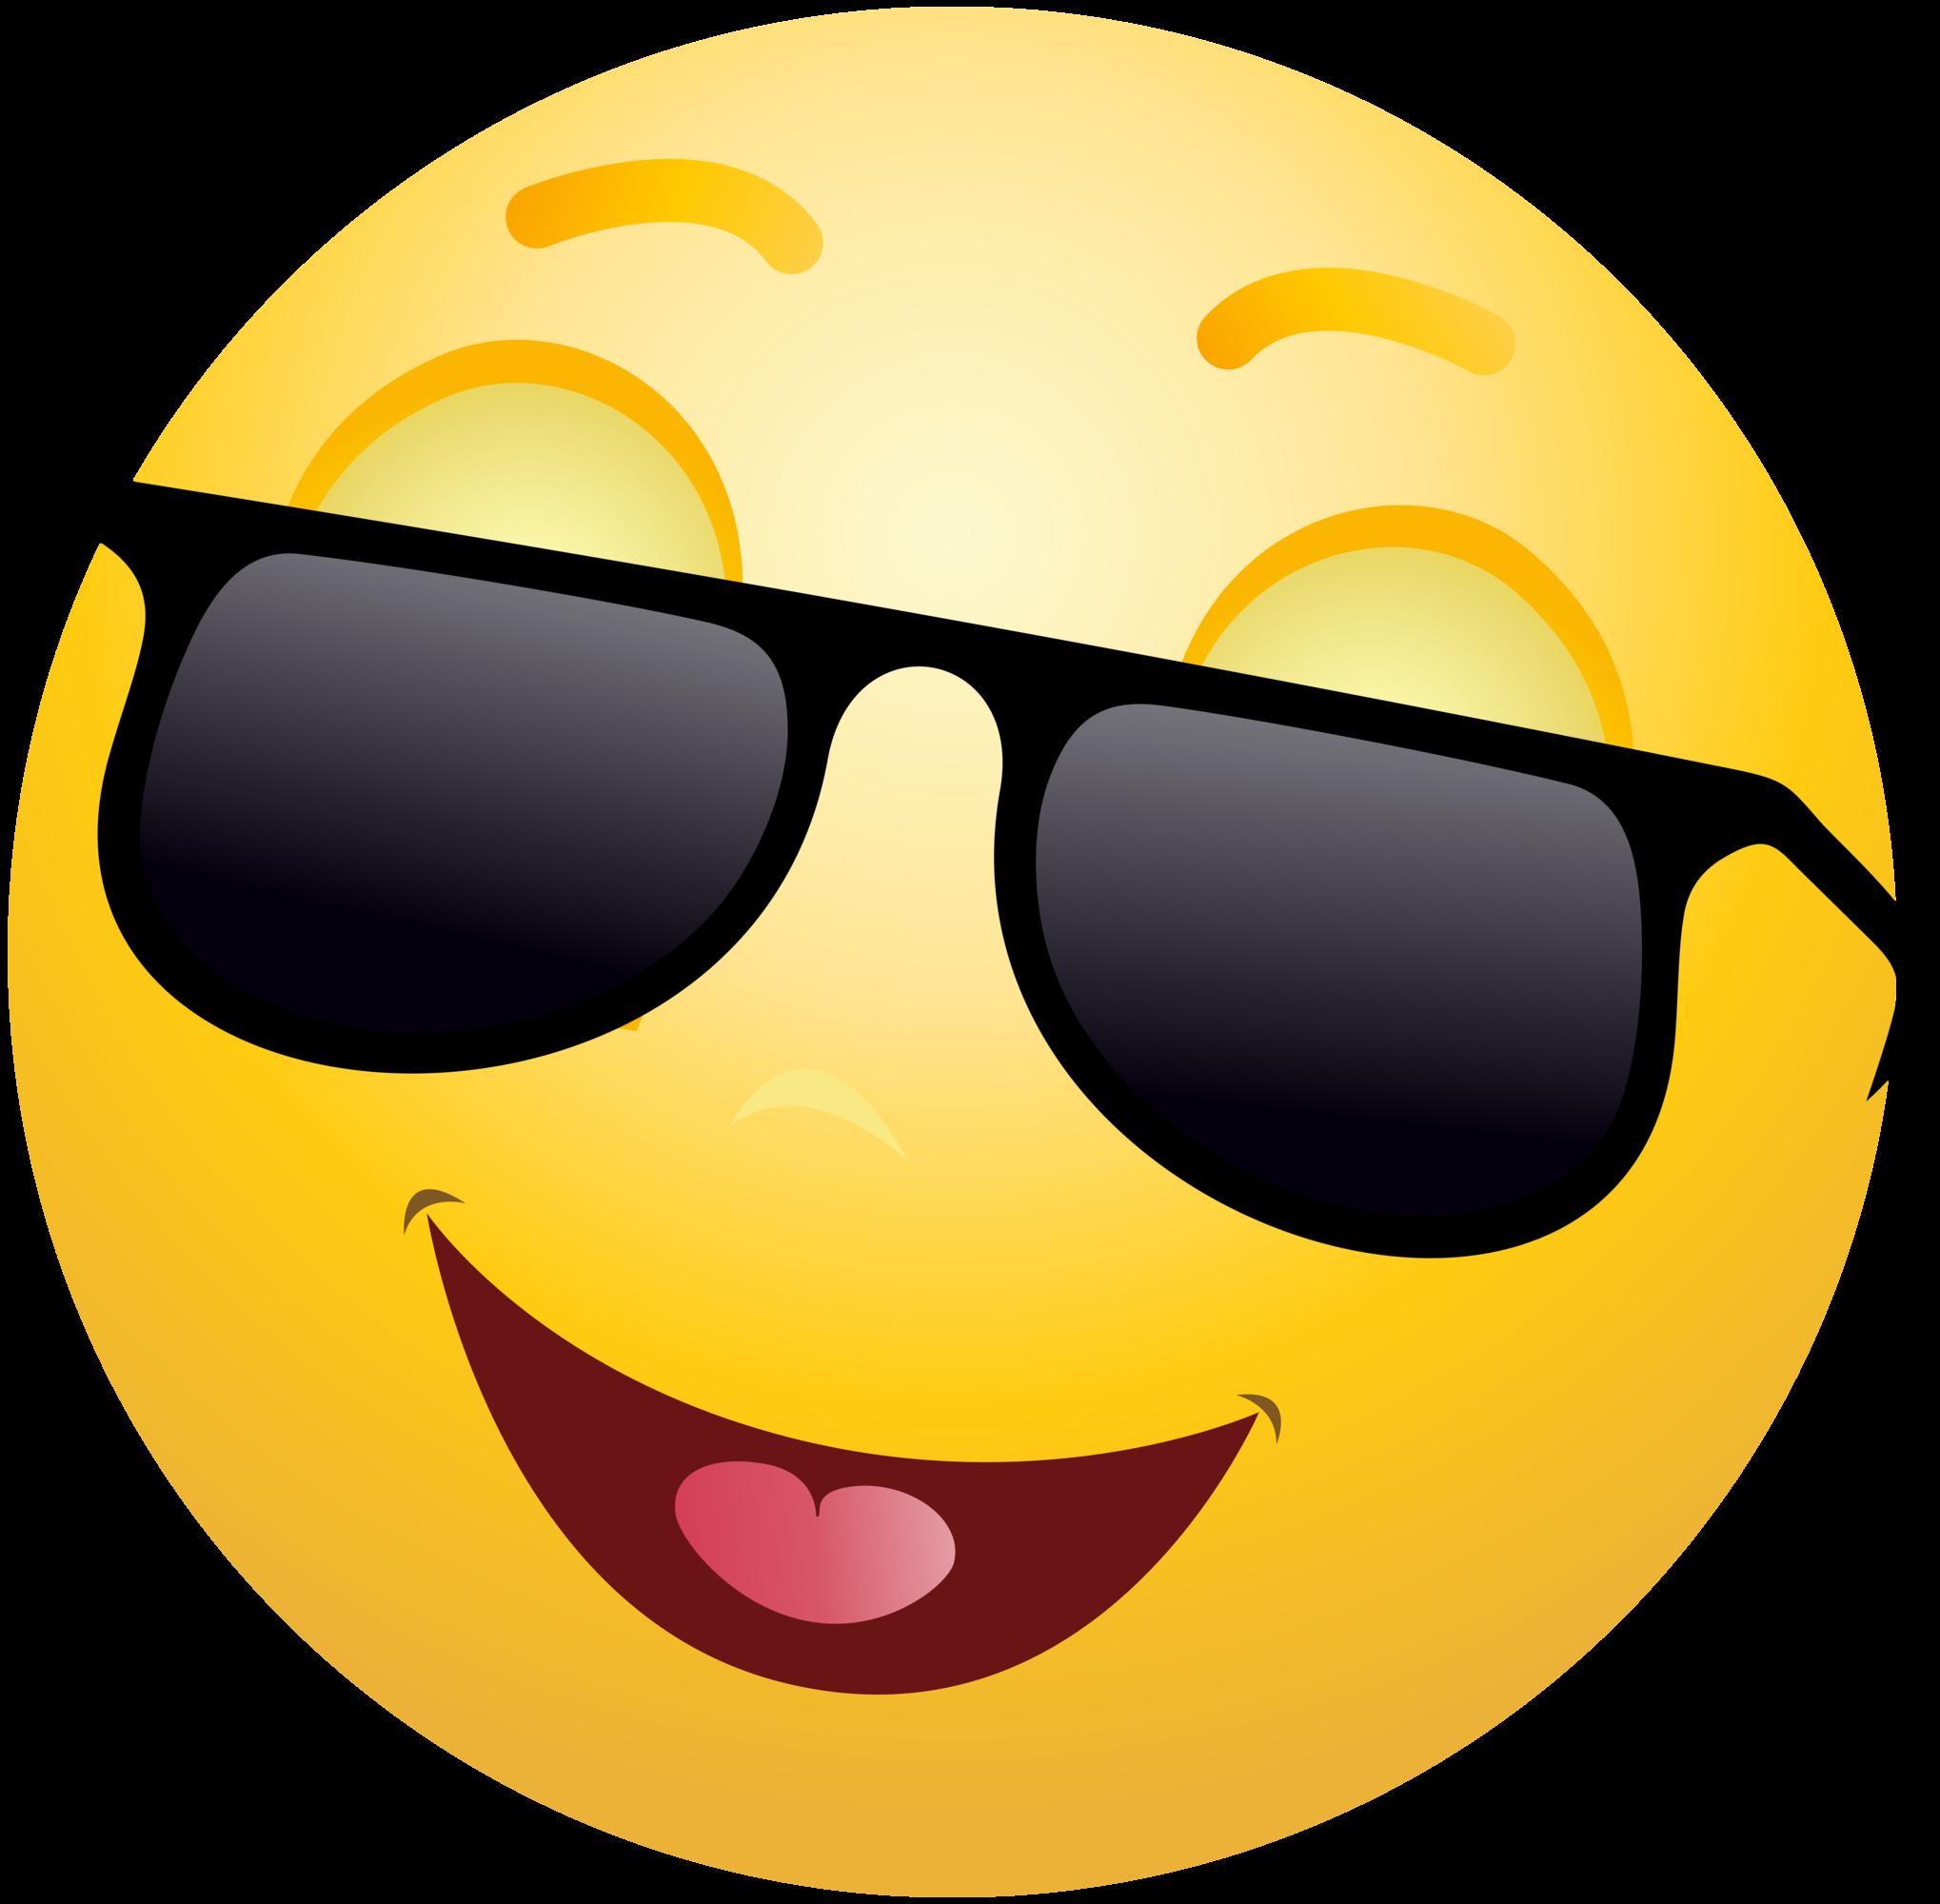 Sunglasses Emoji Clipart-Clipartlook.com-2038